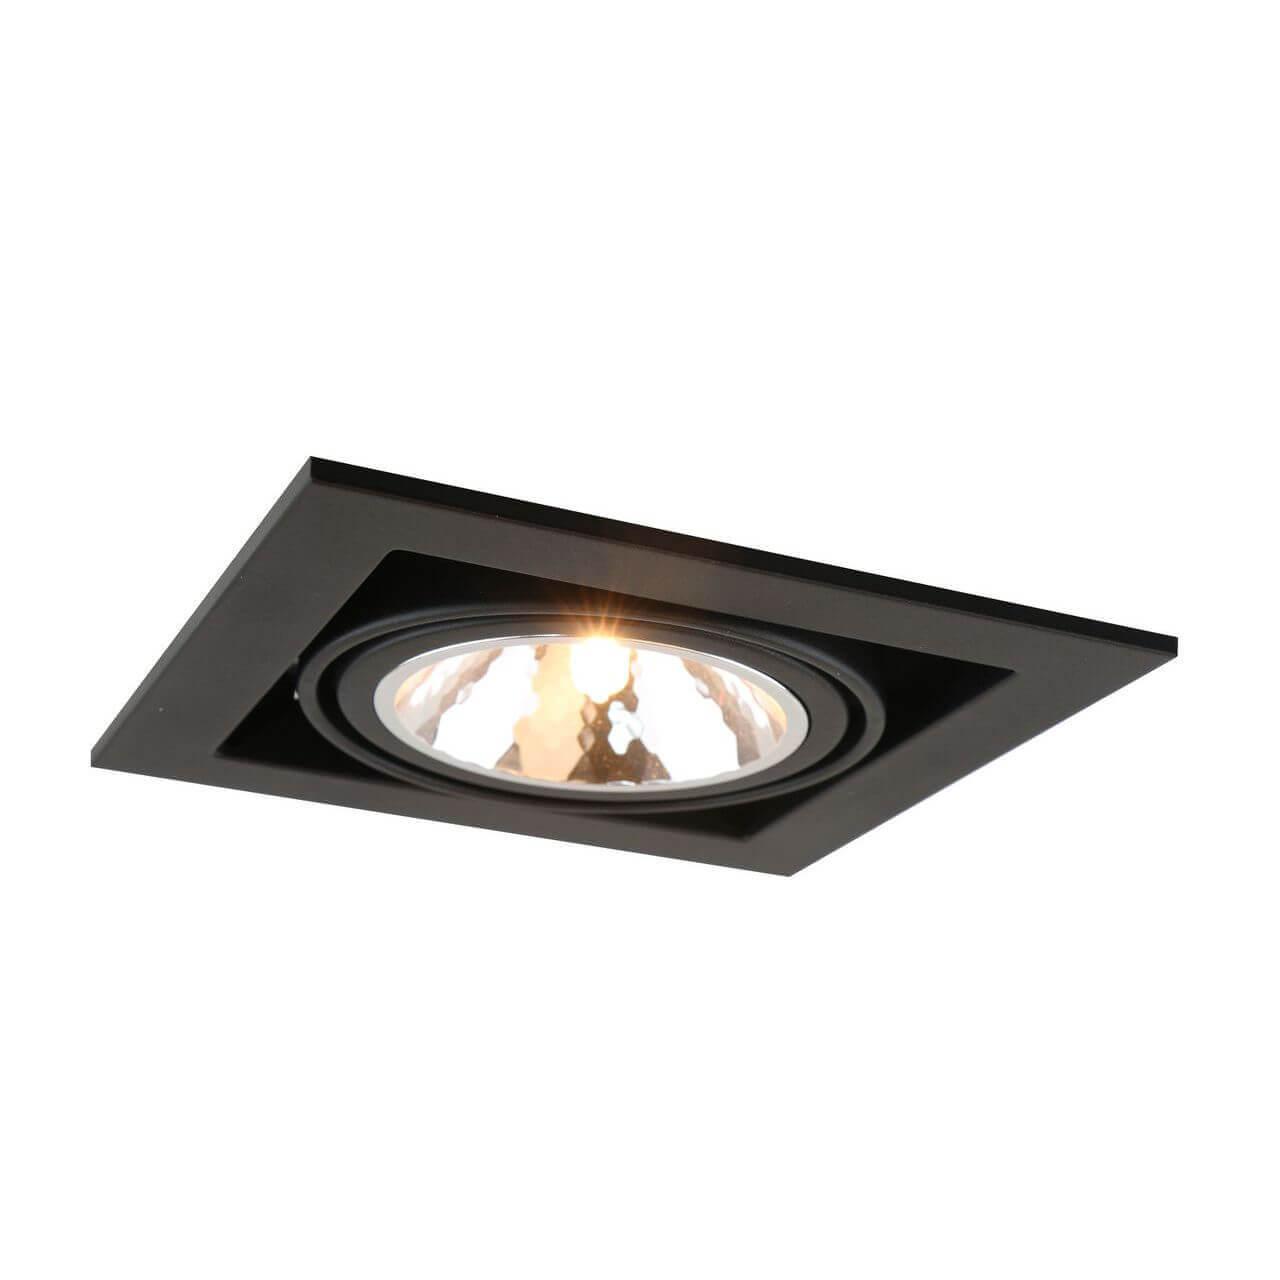 Светильник Arte Lamp A5949PL-1BK Cardani Semplice BK потолочный светильник arte lamp cardani black арт a5936pl 1bk